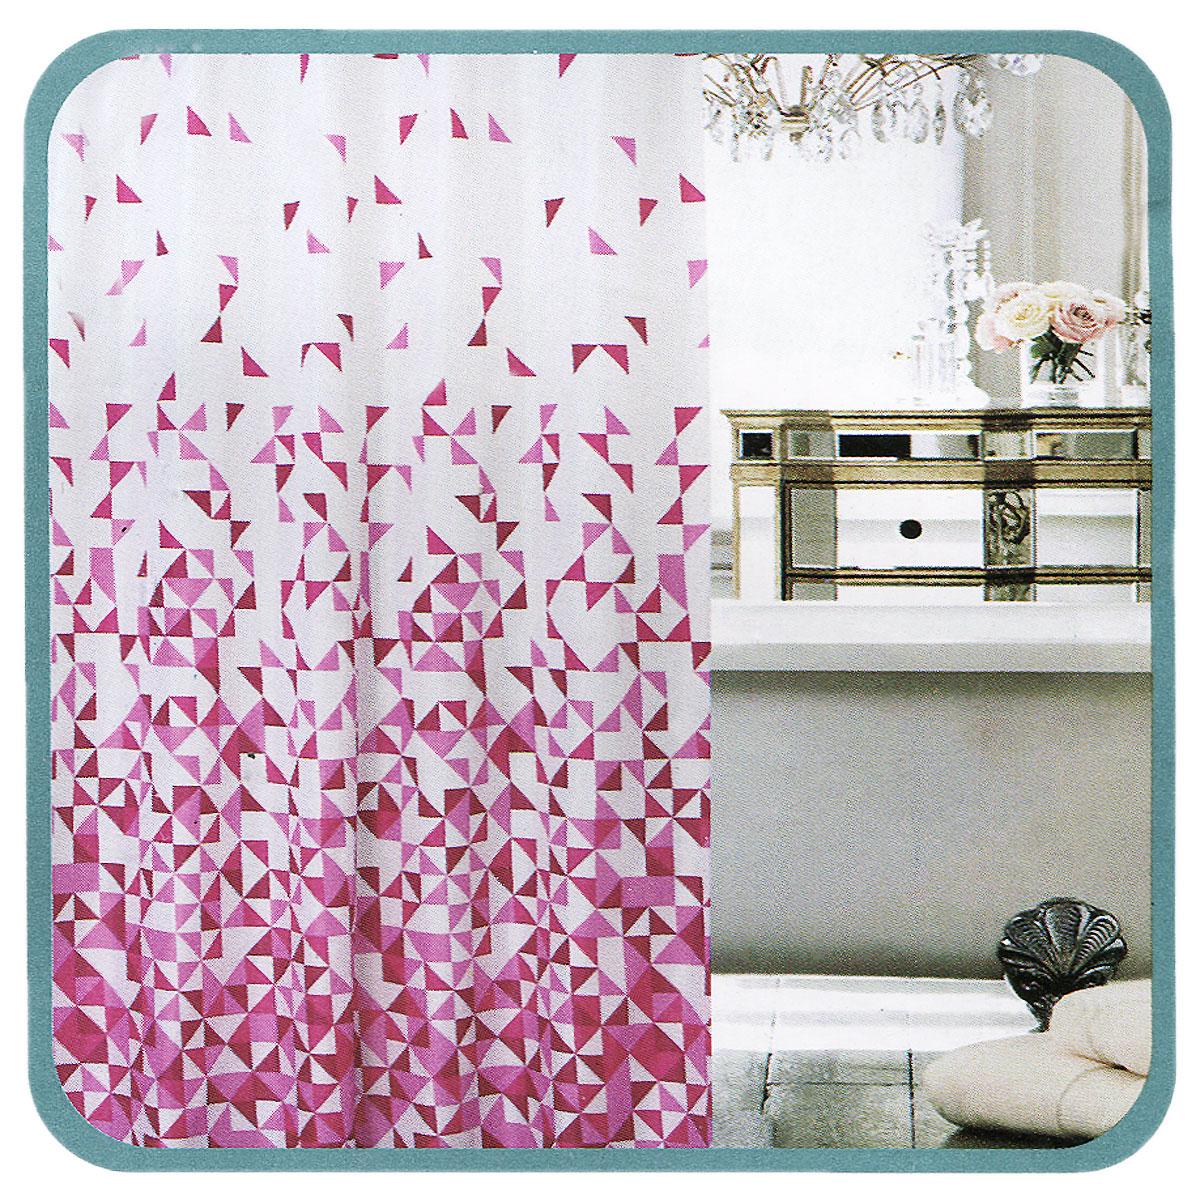 Штора для ванной Fresh Code Розовый треугольник, цвет: белый, розовый, 180 х 180 см56955Штора для душа Fresh Code Розовый треугольник из 100% плотного полиэстера с водоотталкивающей поверхностью идеально защищает ванную комнату от брызг. Прочные отверстия для колец позволяют надежно закрепить штору на штанге, а гибкий металлический утяжелитель в нижней кромке поддерживает ее в расправленной форме. Штору можно легко почистить мягкой губкой с мылом или постирать ее с мягким моющим средством в деликатном режиме.